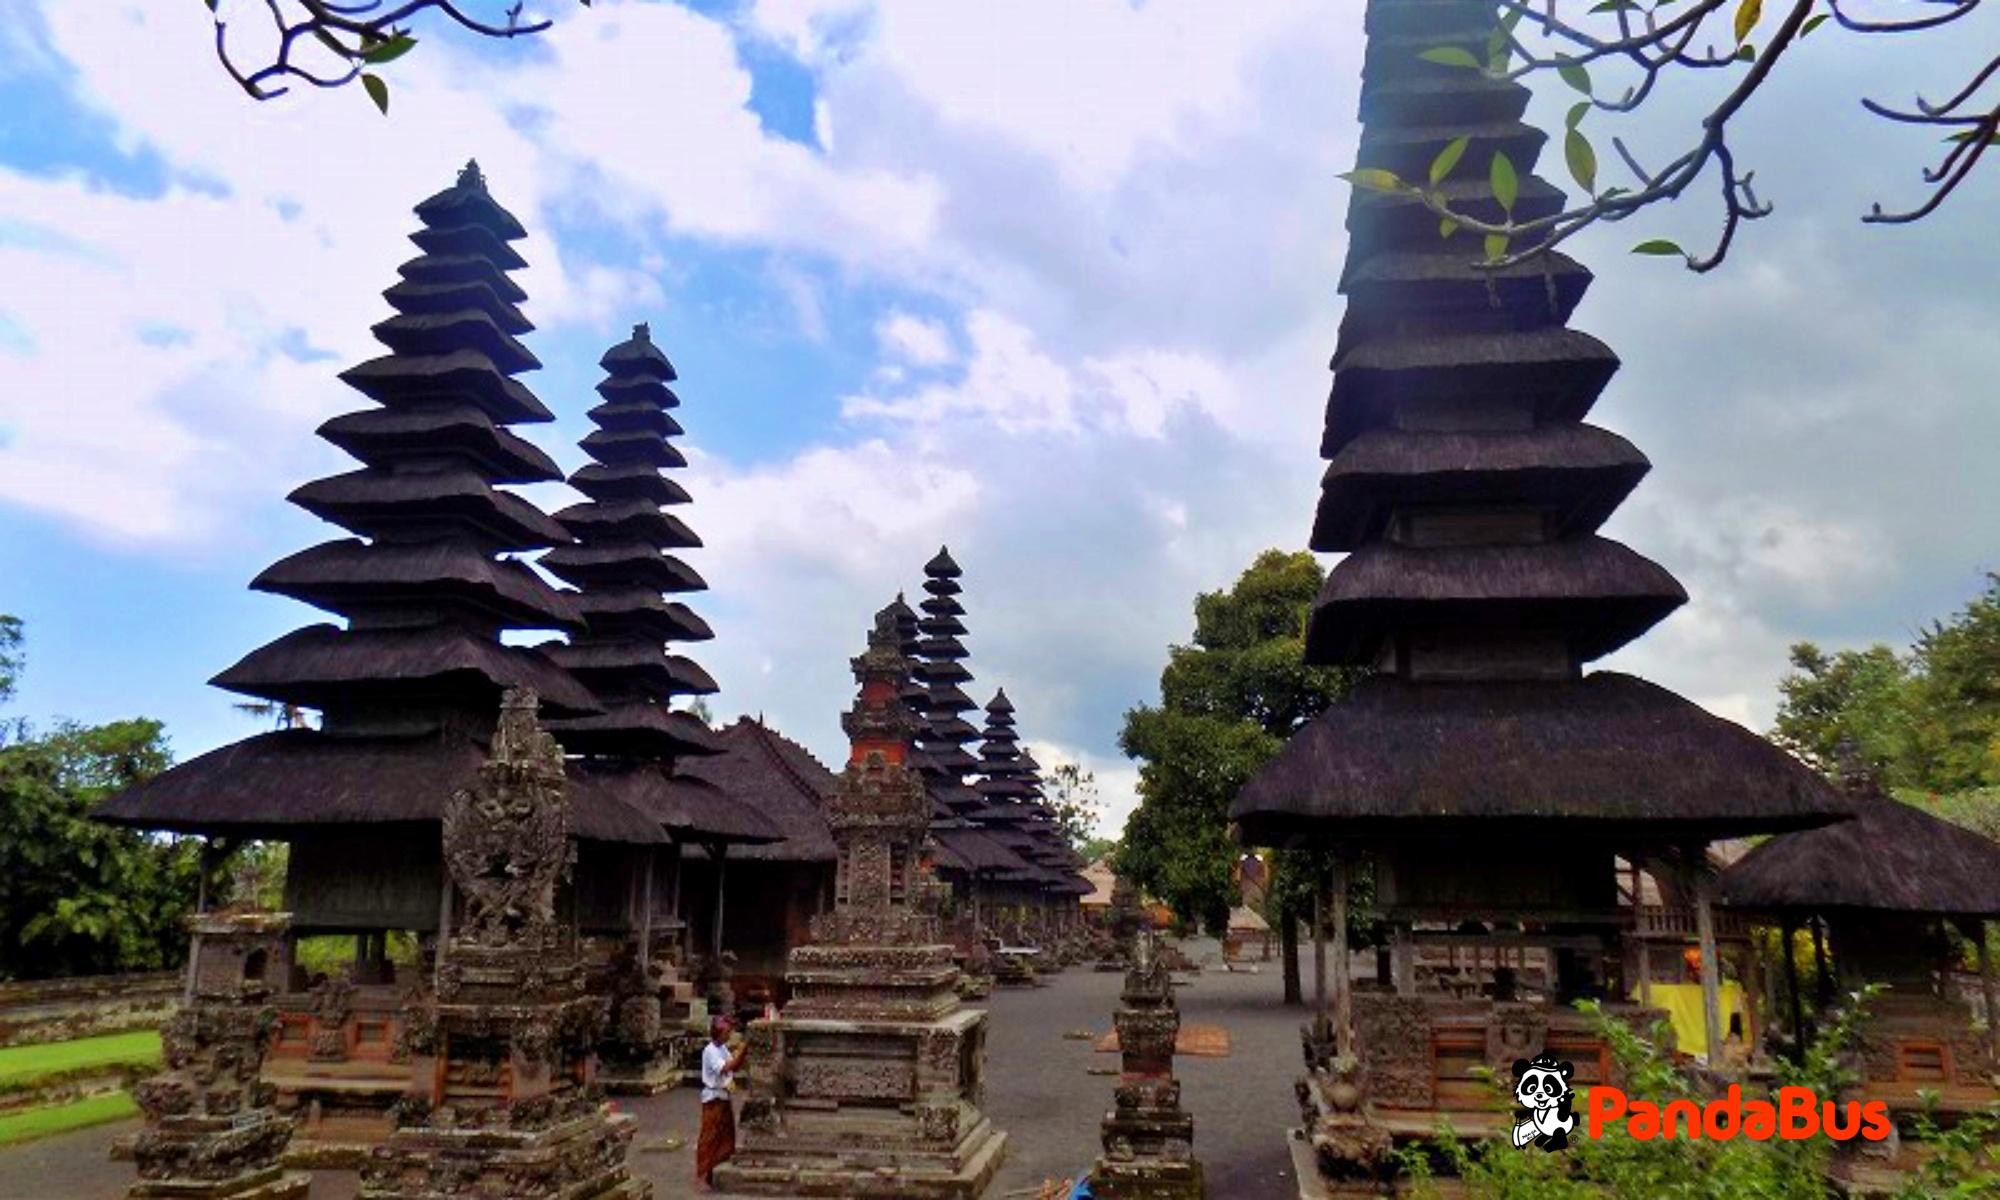 世界遺産「タマンアユン寺院」見学